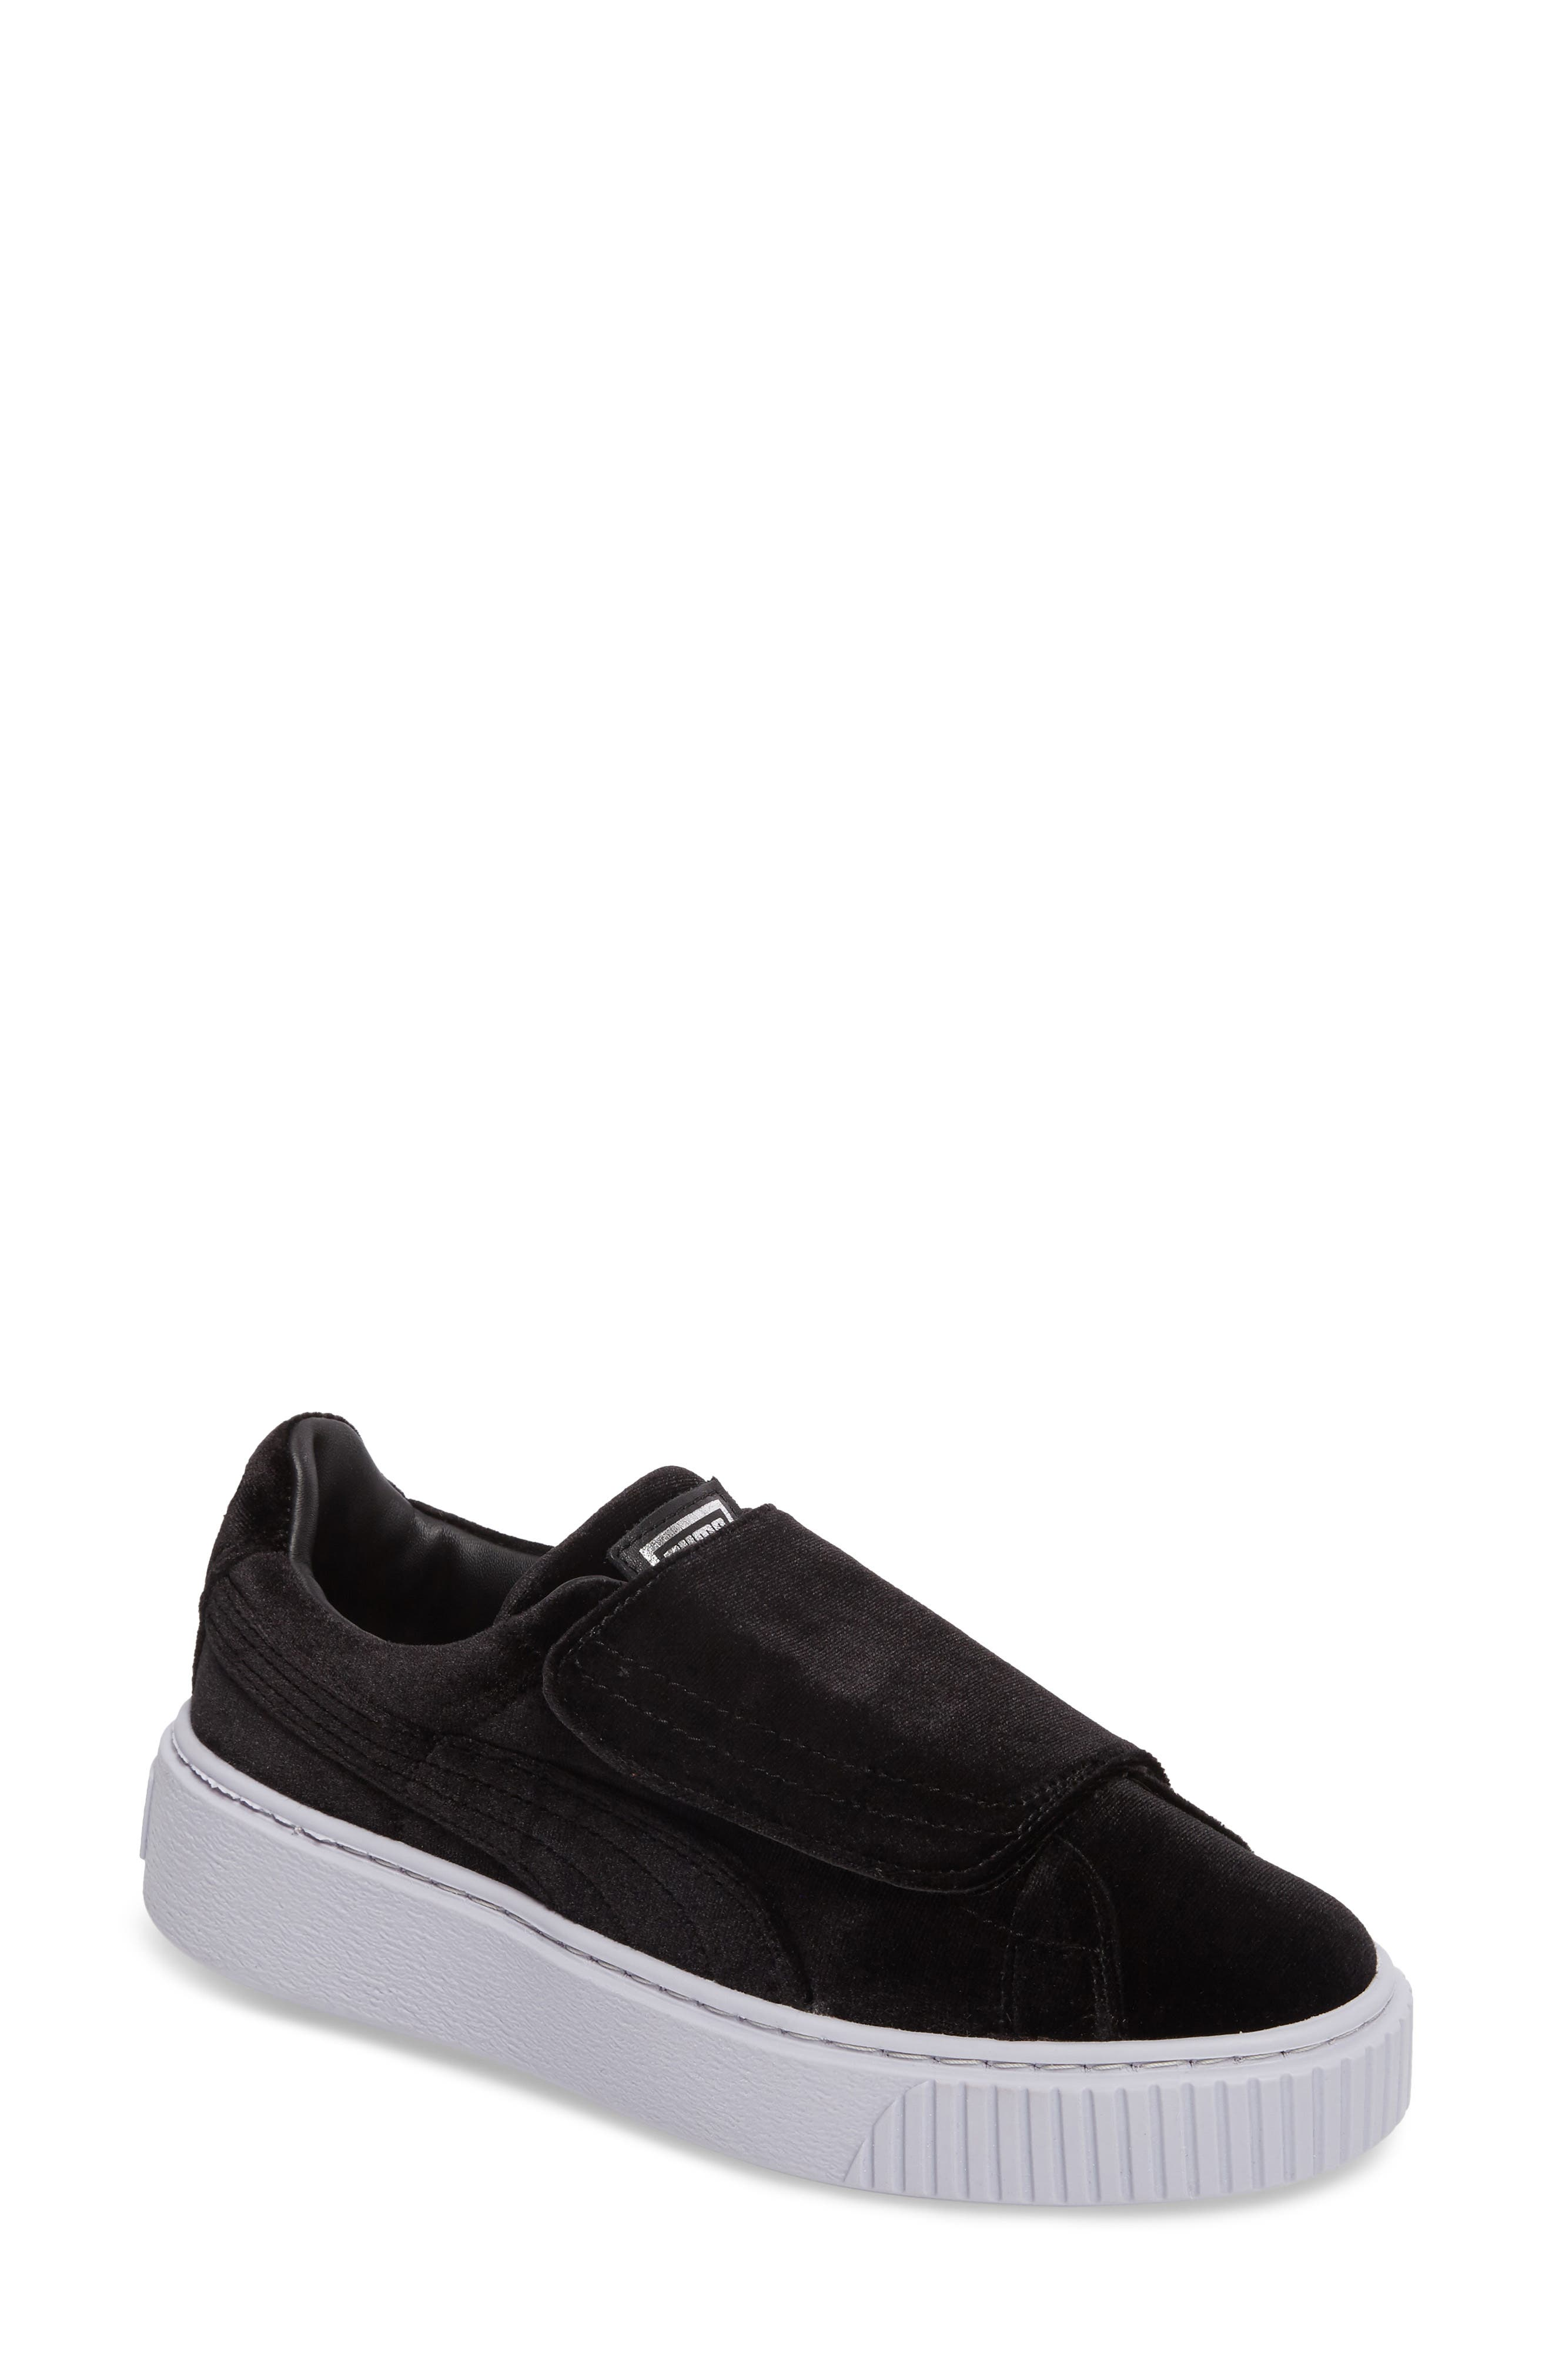 Basket Platform Sneaker,                         Main,                         color, 002